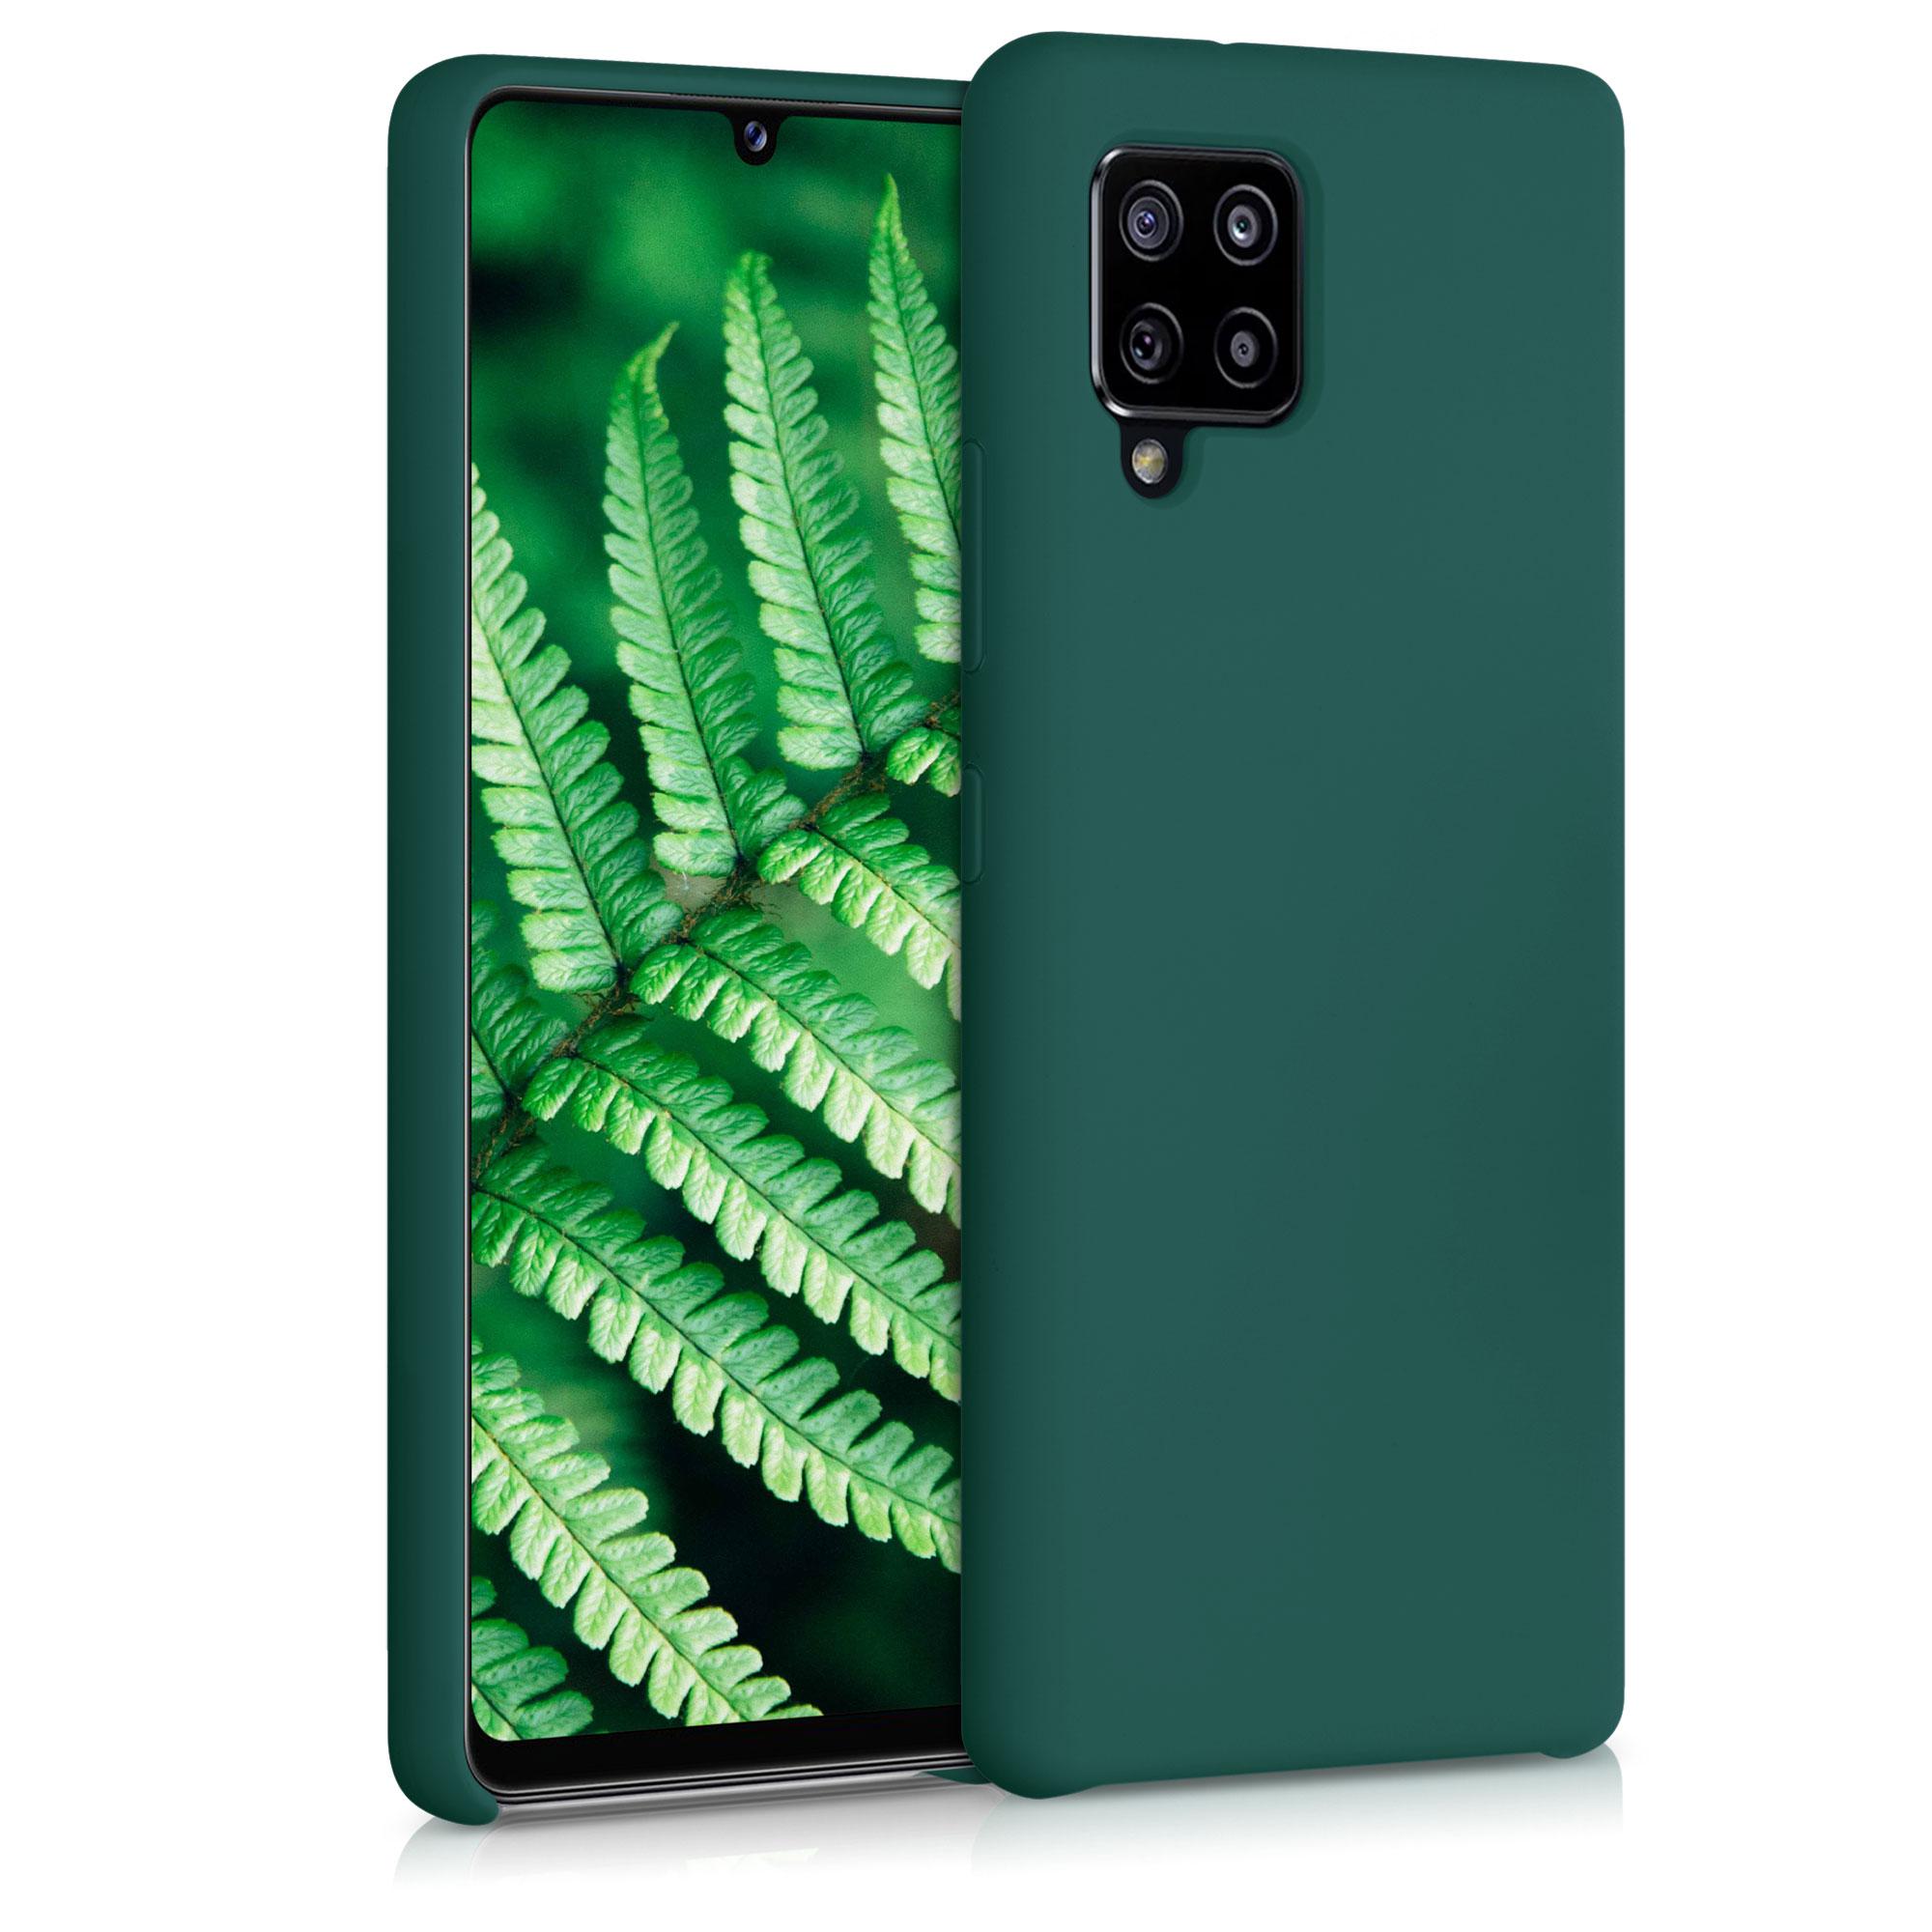 Kvalitní silikonové TPU pouzdro pro Samsung A42 5G - Turquoise Green